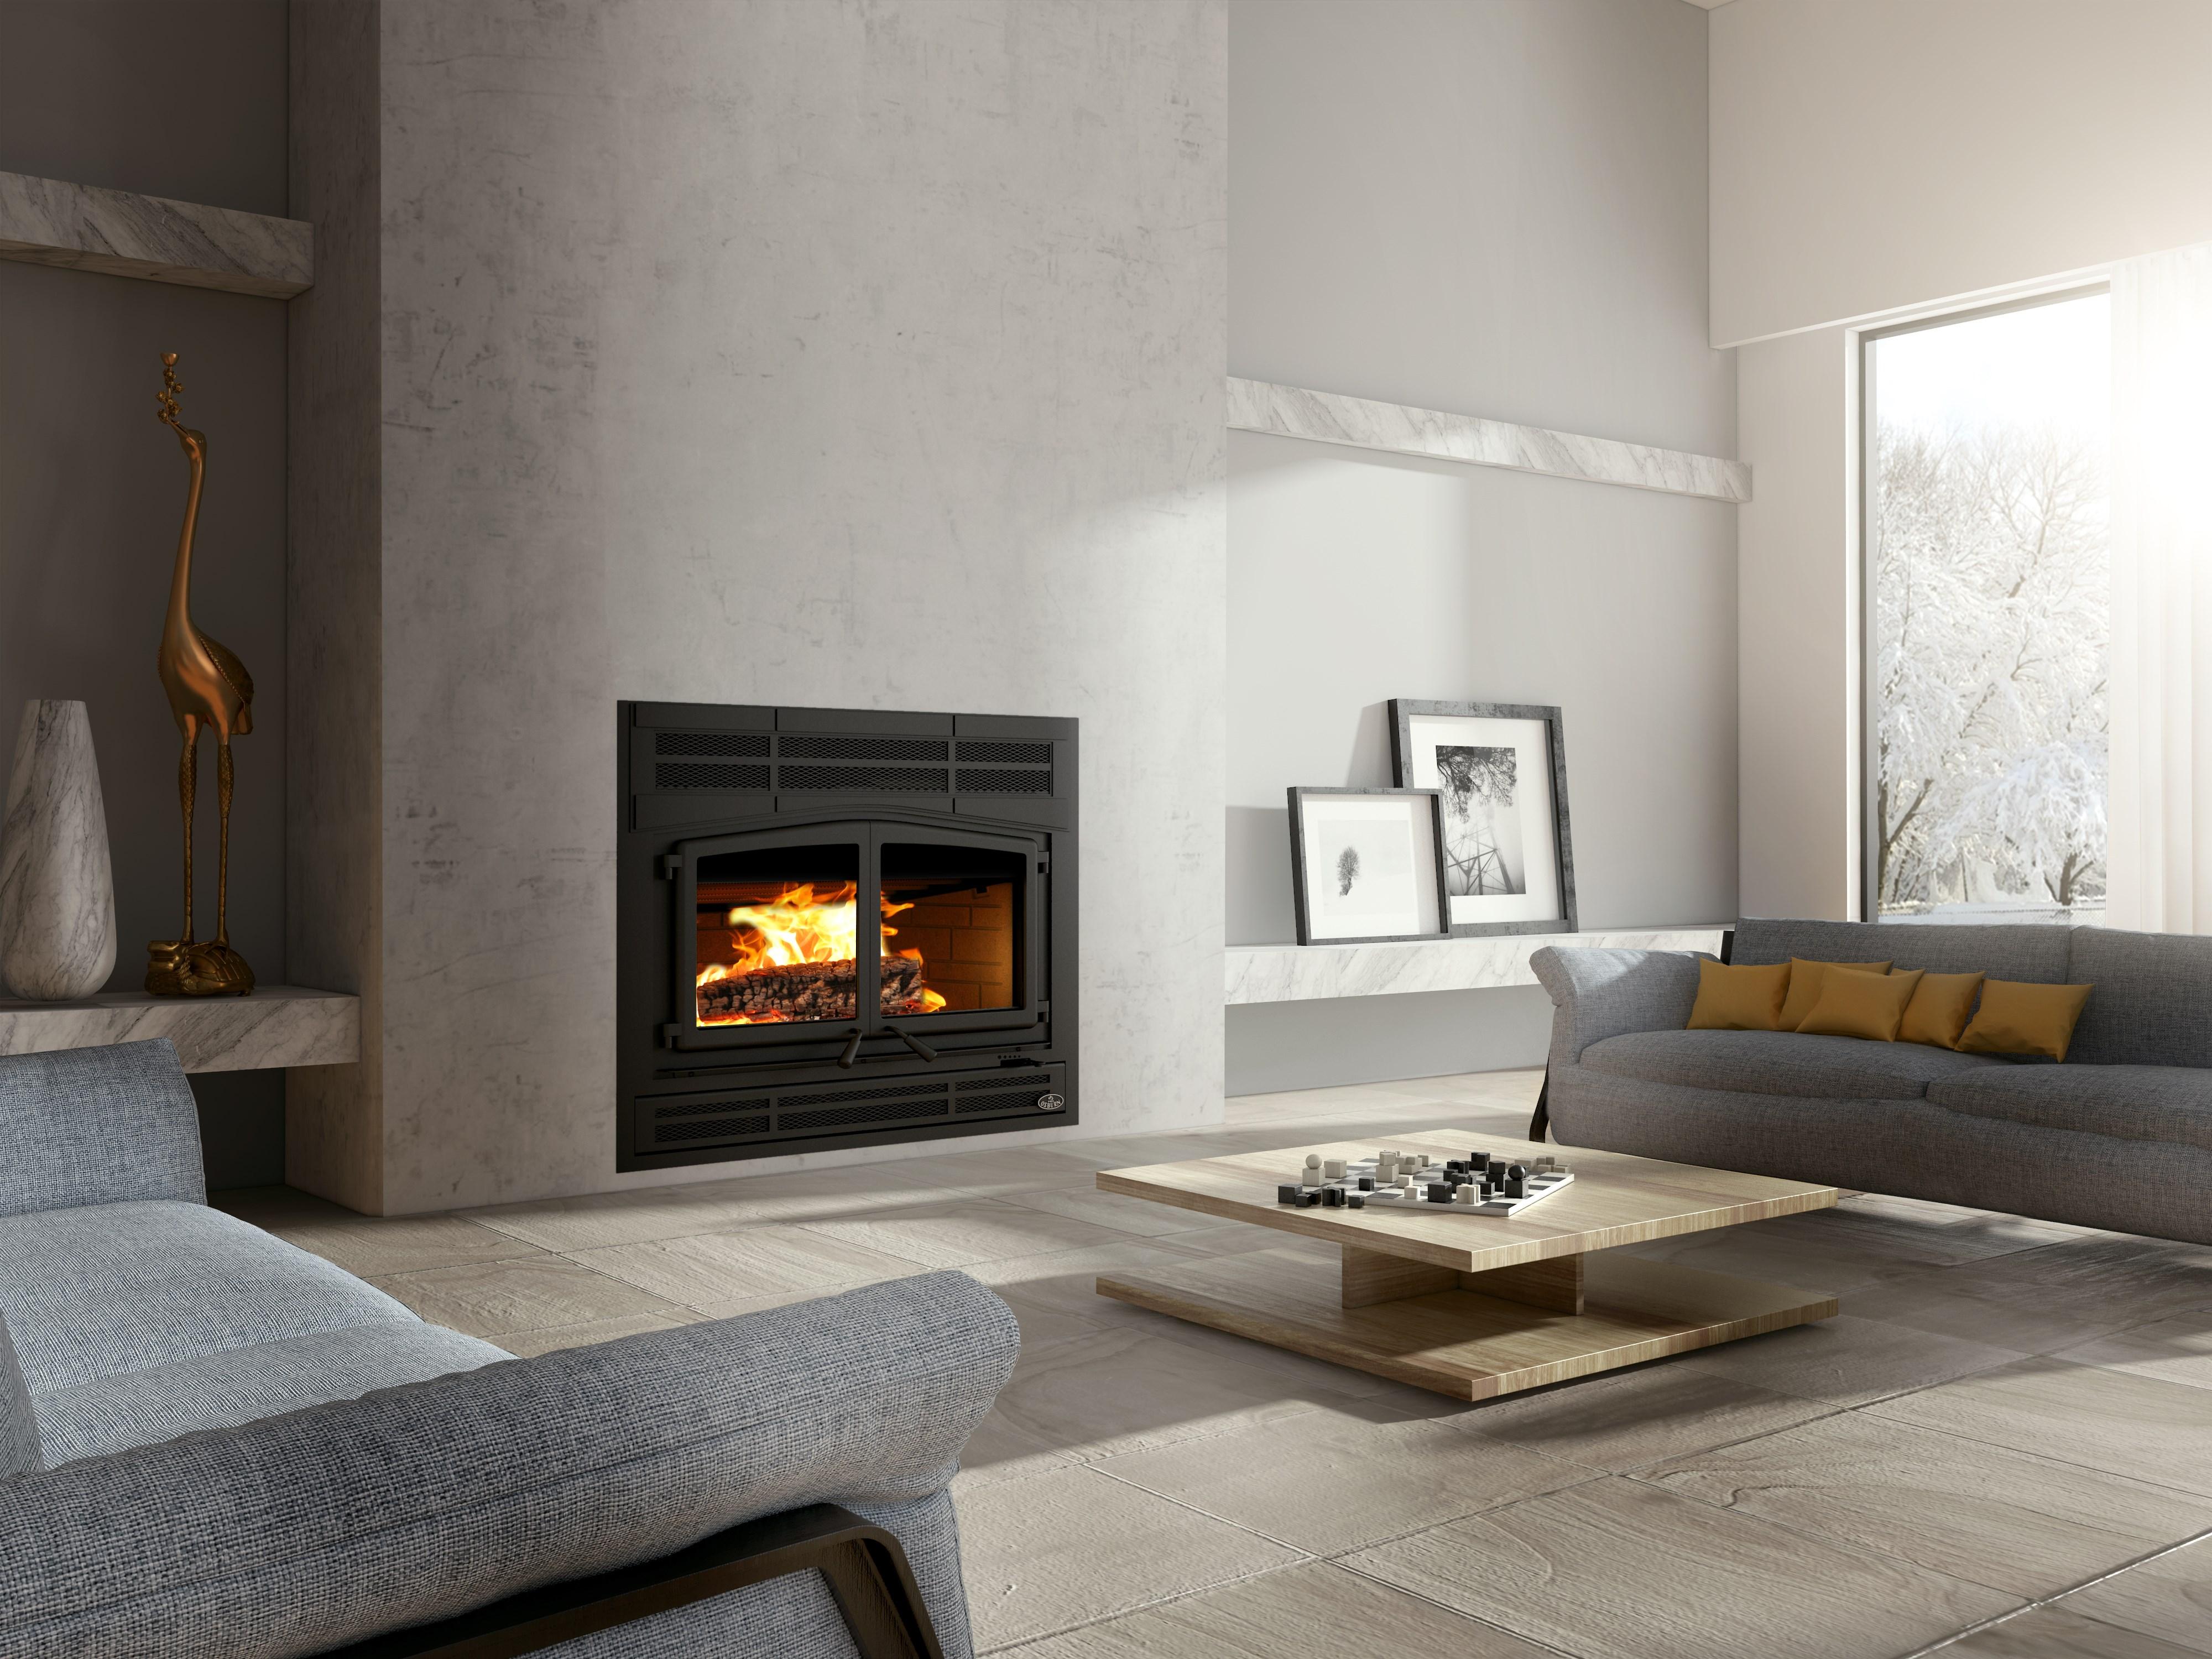 Fireplace Description Part - 20: Appliance Performance